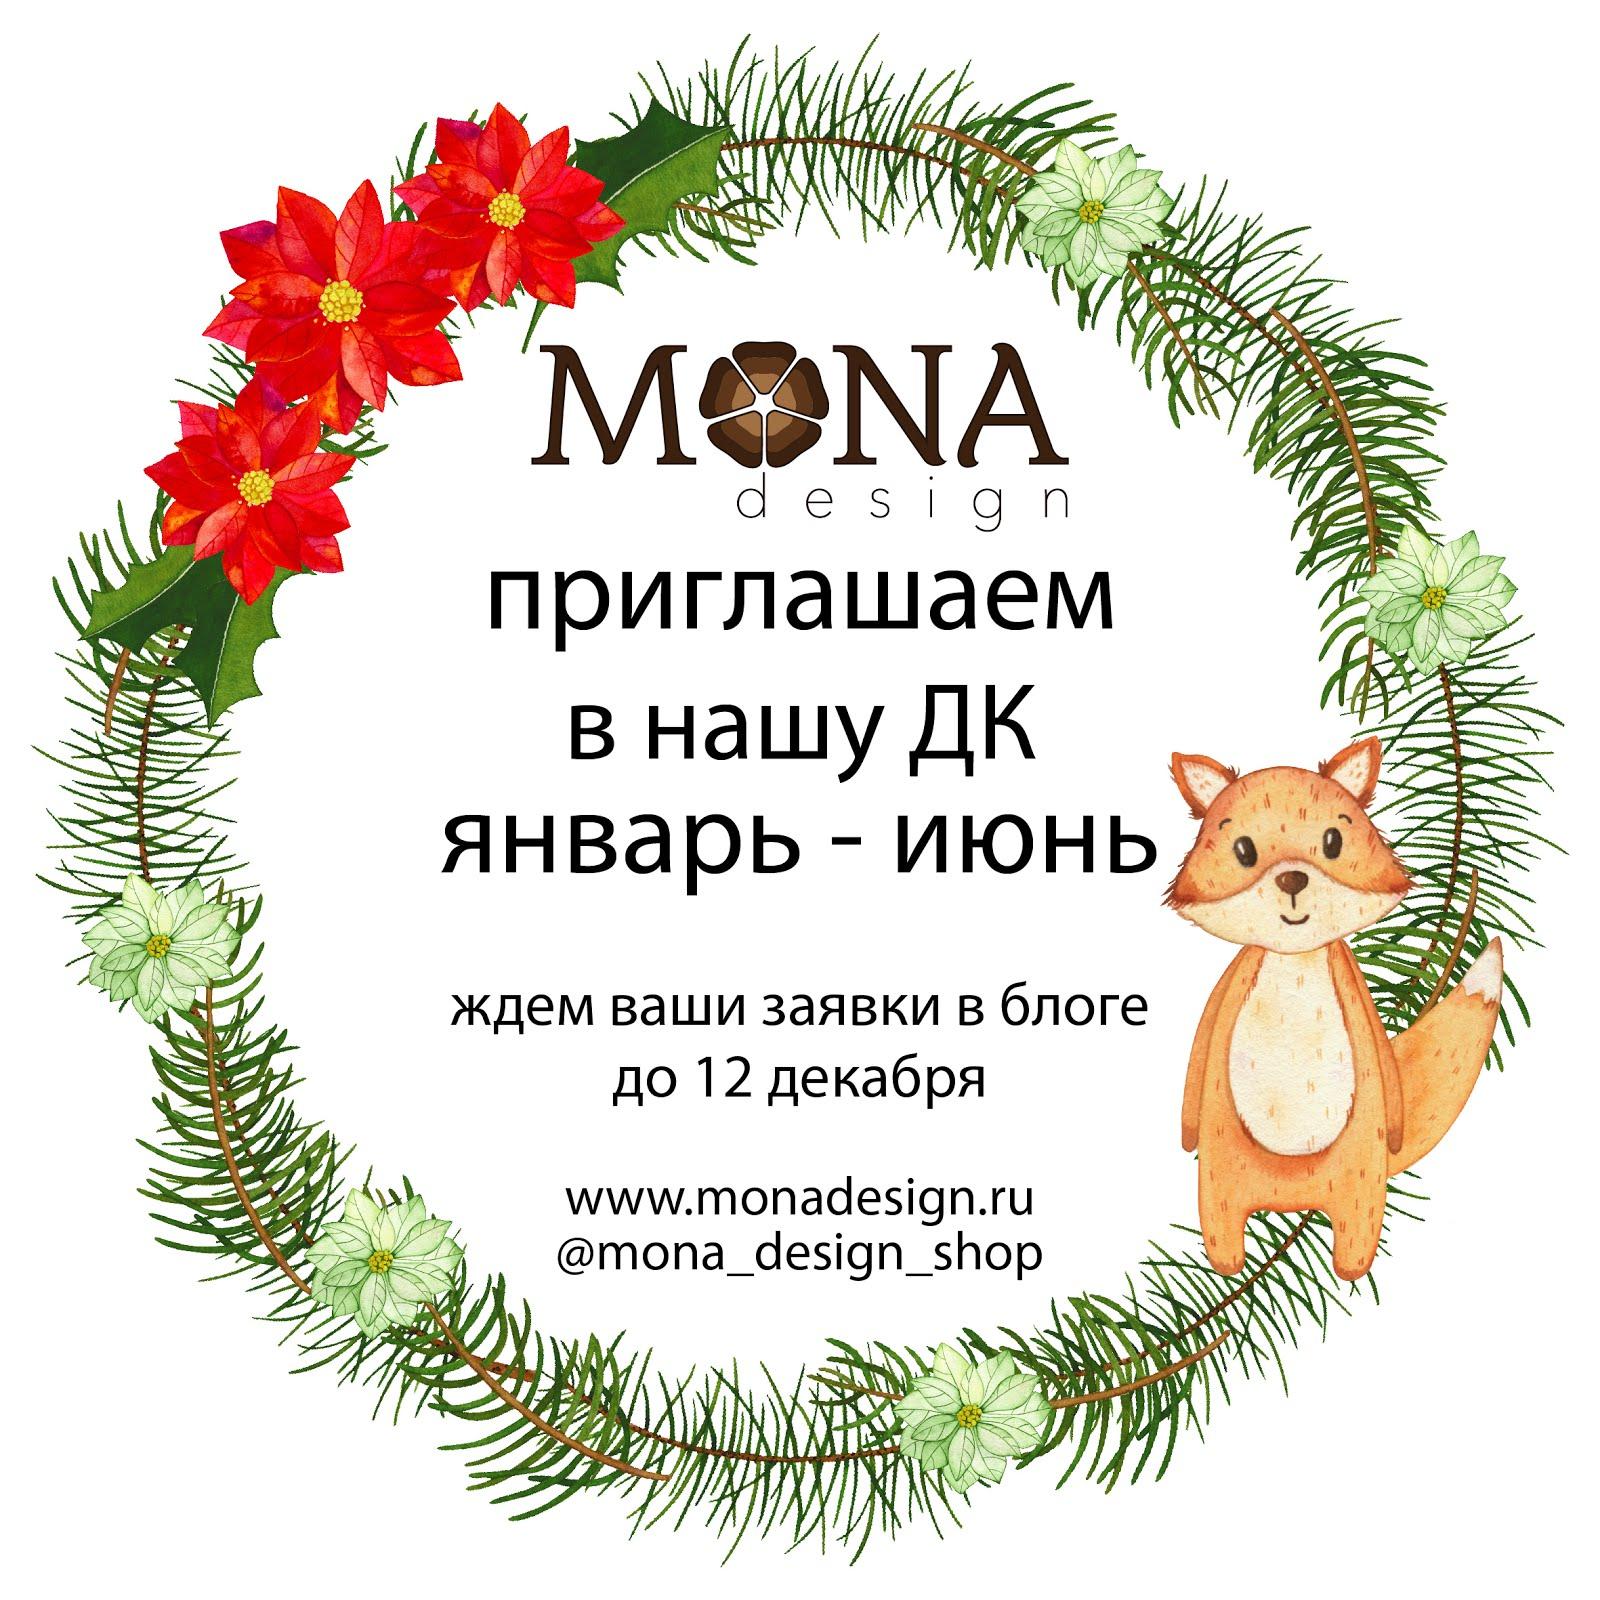 Набор в дк!до 12 декабря